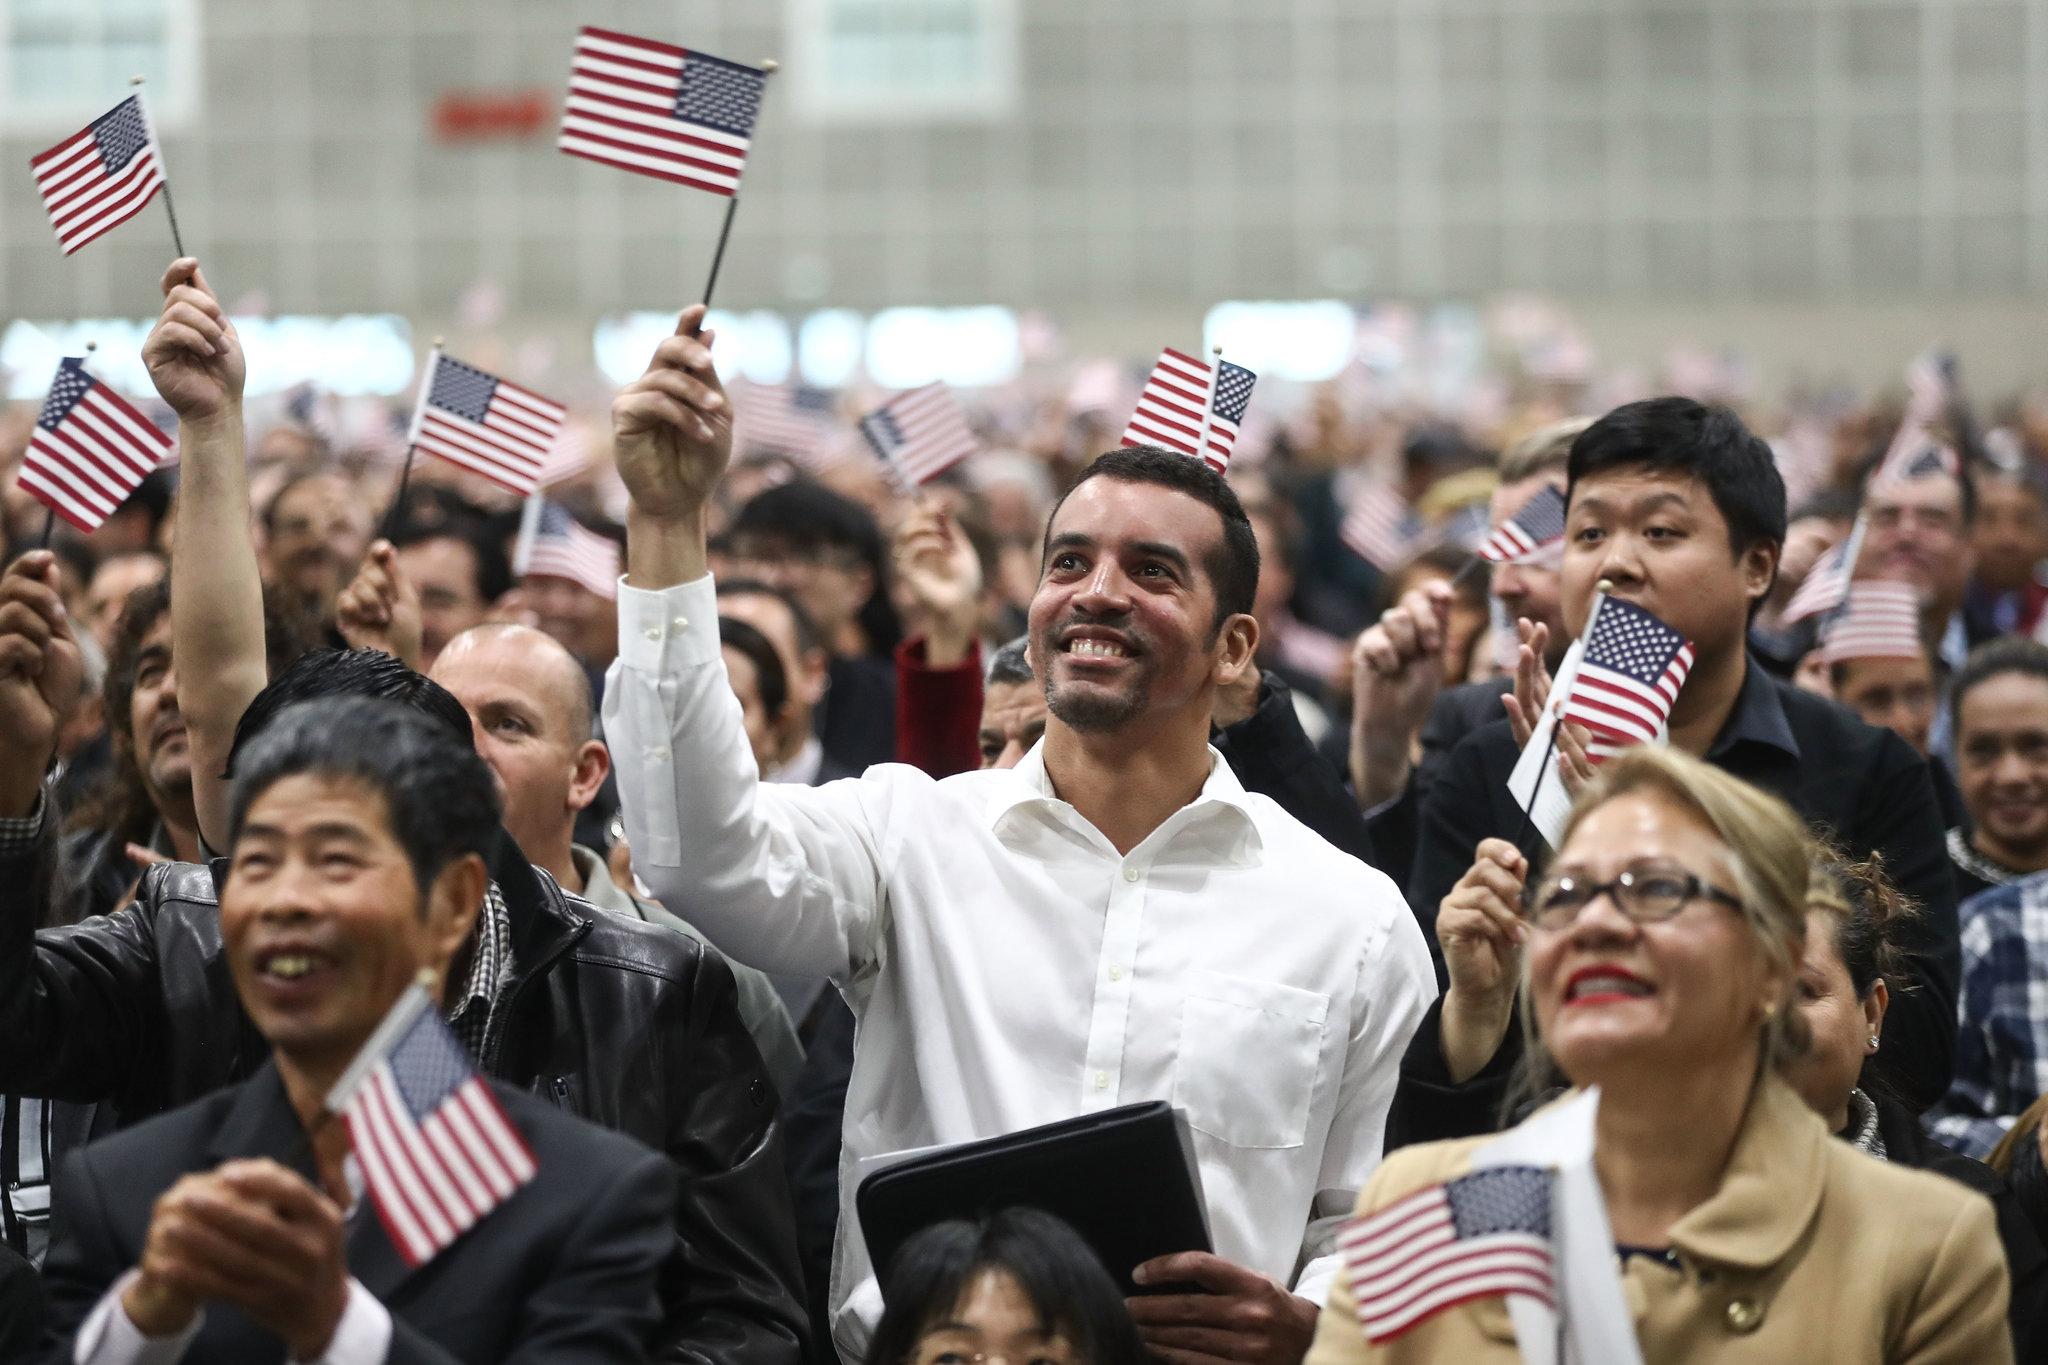 Қарапайым америкалықтар саясатқа қаншалықты араласады? - на politic.bugin.kz